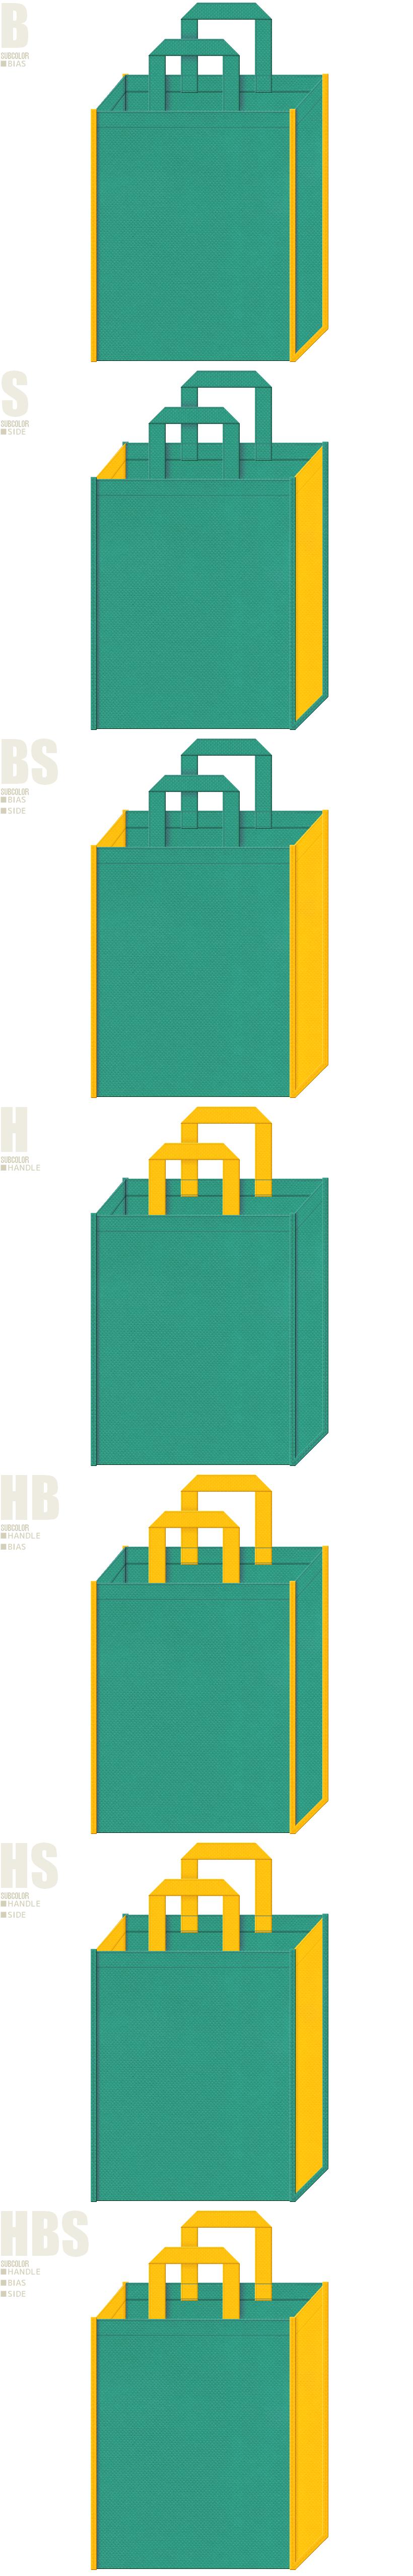 カワセミ・オウム・信号機・交通安全・通園バッグ・絵本・おとぎ話・おもちゃ・ゲーム・テーマパーク・キッズイベントにお奨めの不織布バッグデザイン:青緑色と黄色の配色7パターン